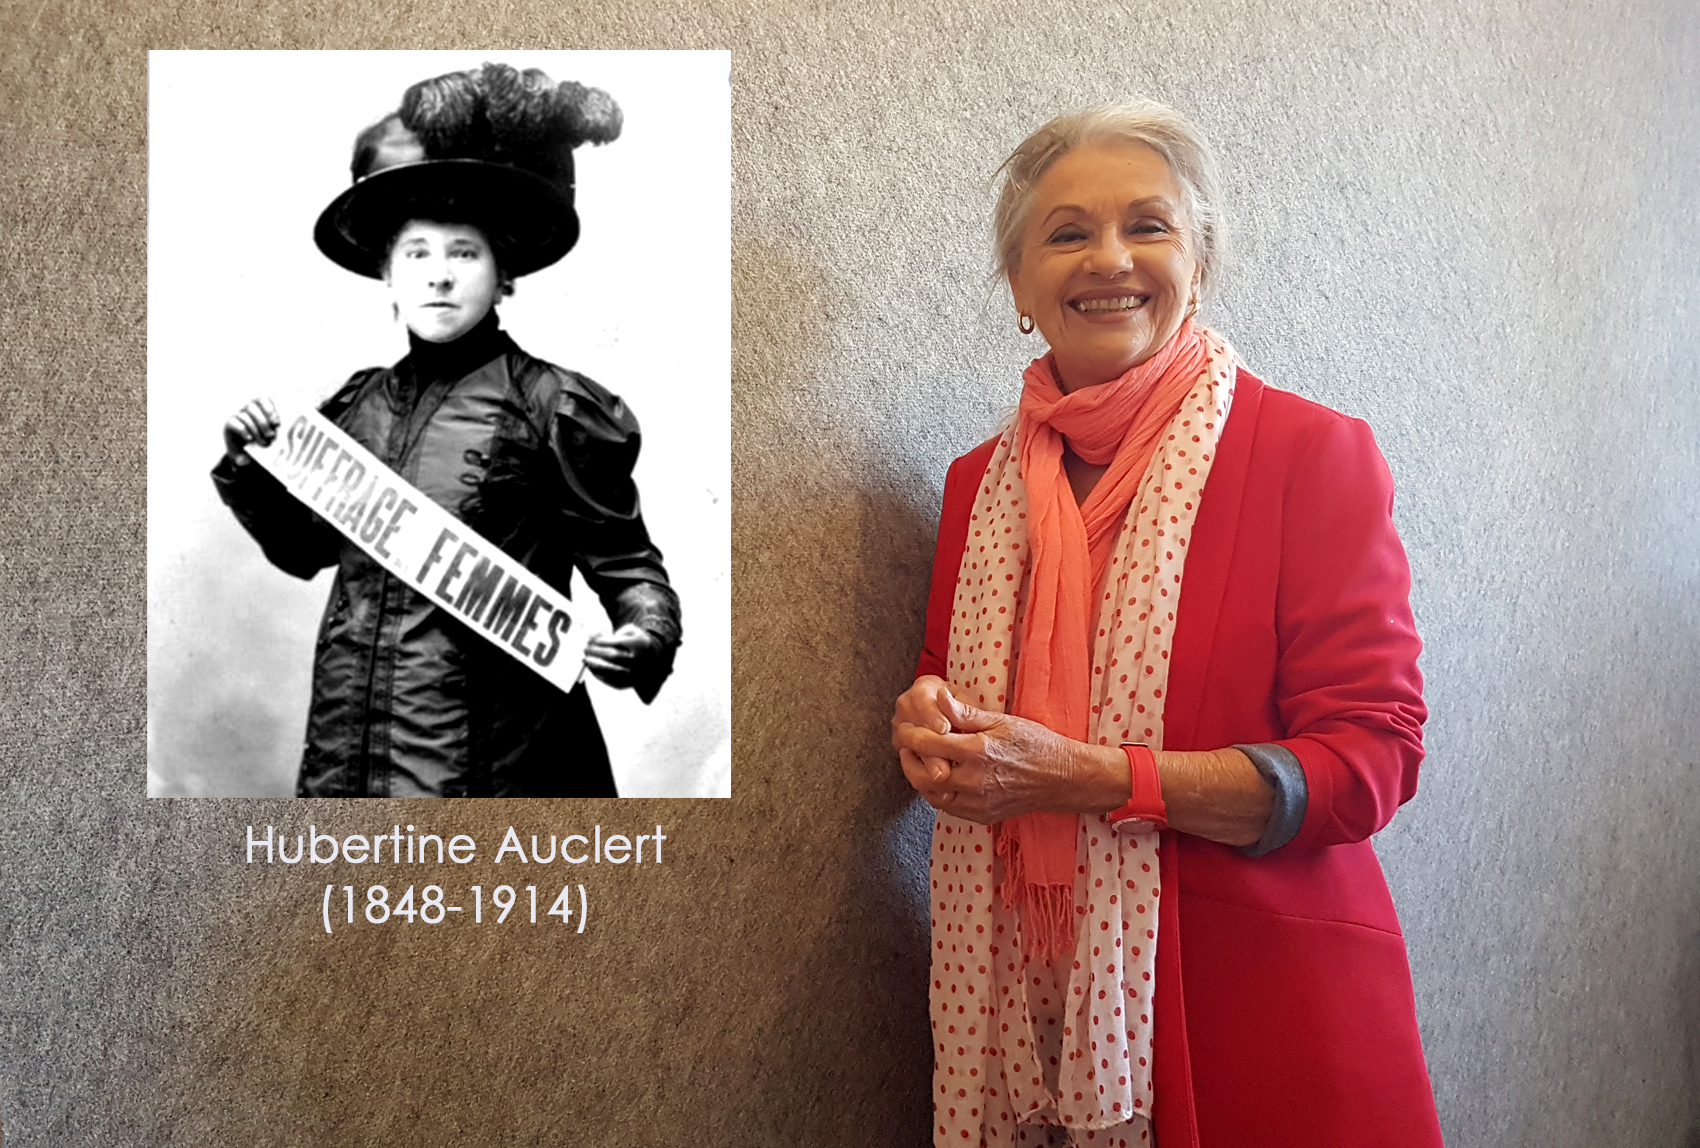 Hubertine Auclert et Jacqueline Hennegrave